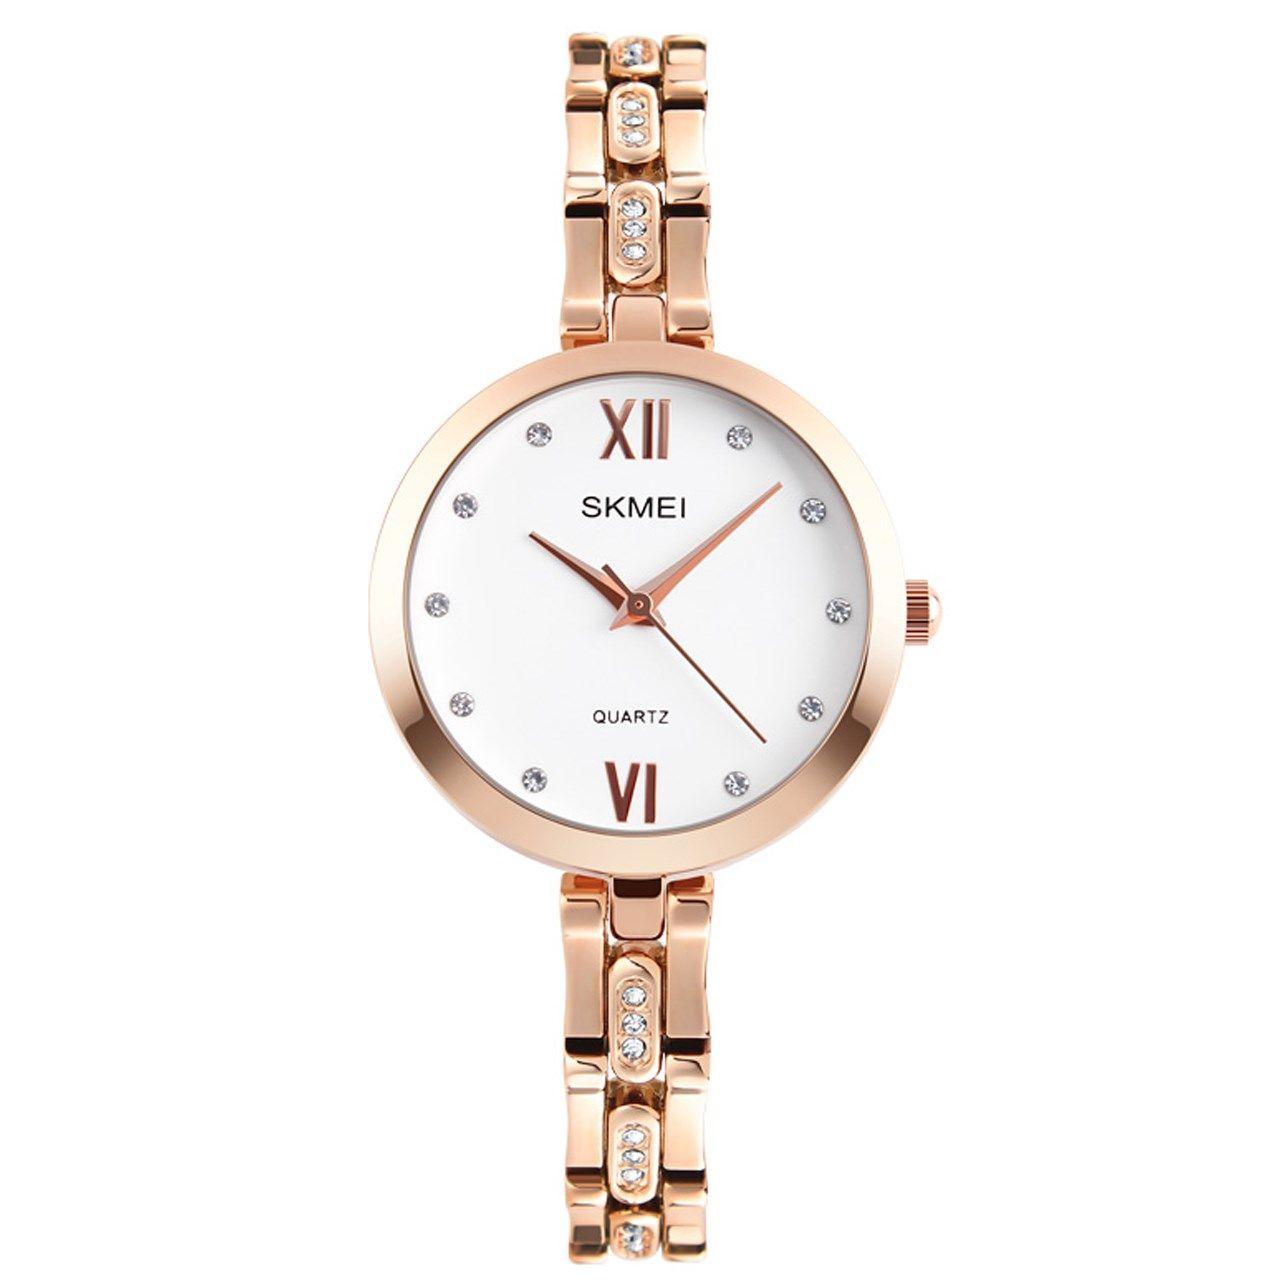 ساعت مچی عقربه ای زنانه اسکمی مدل 1225 کد 01 -  - 2